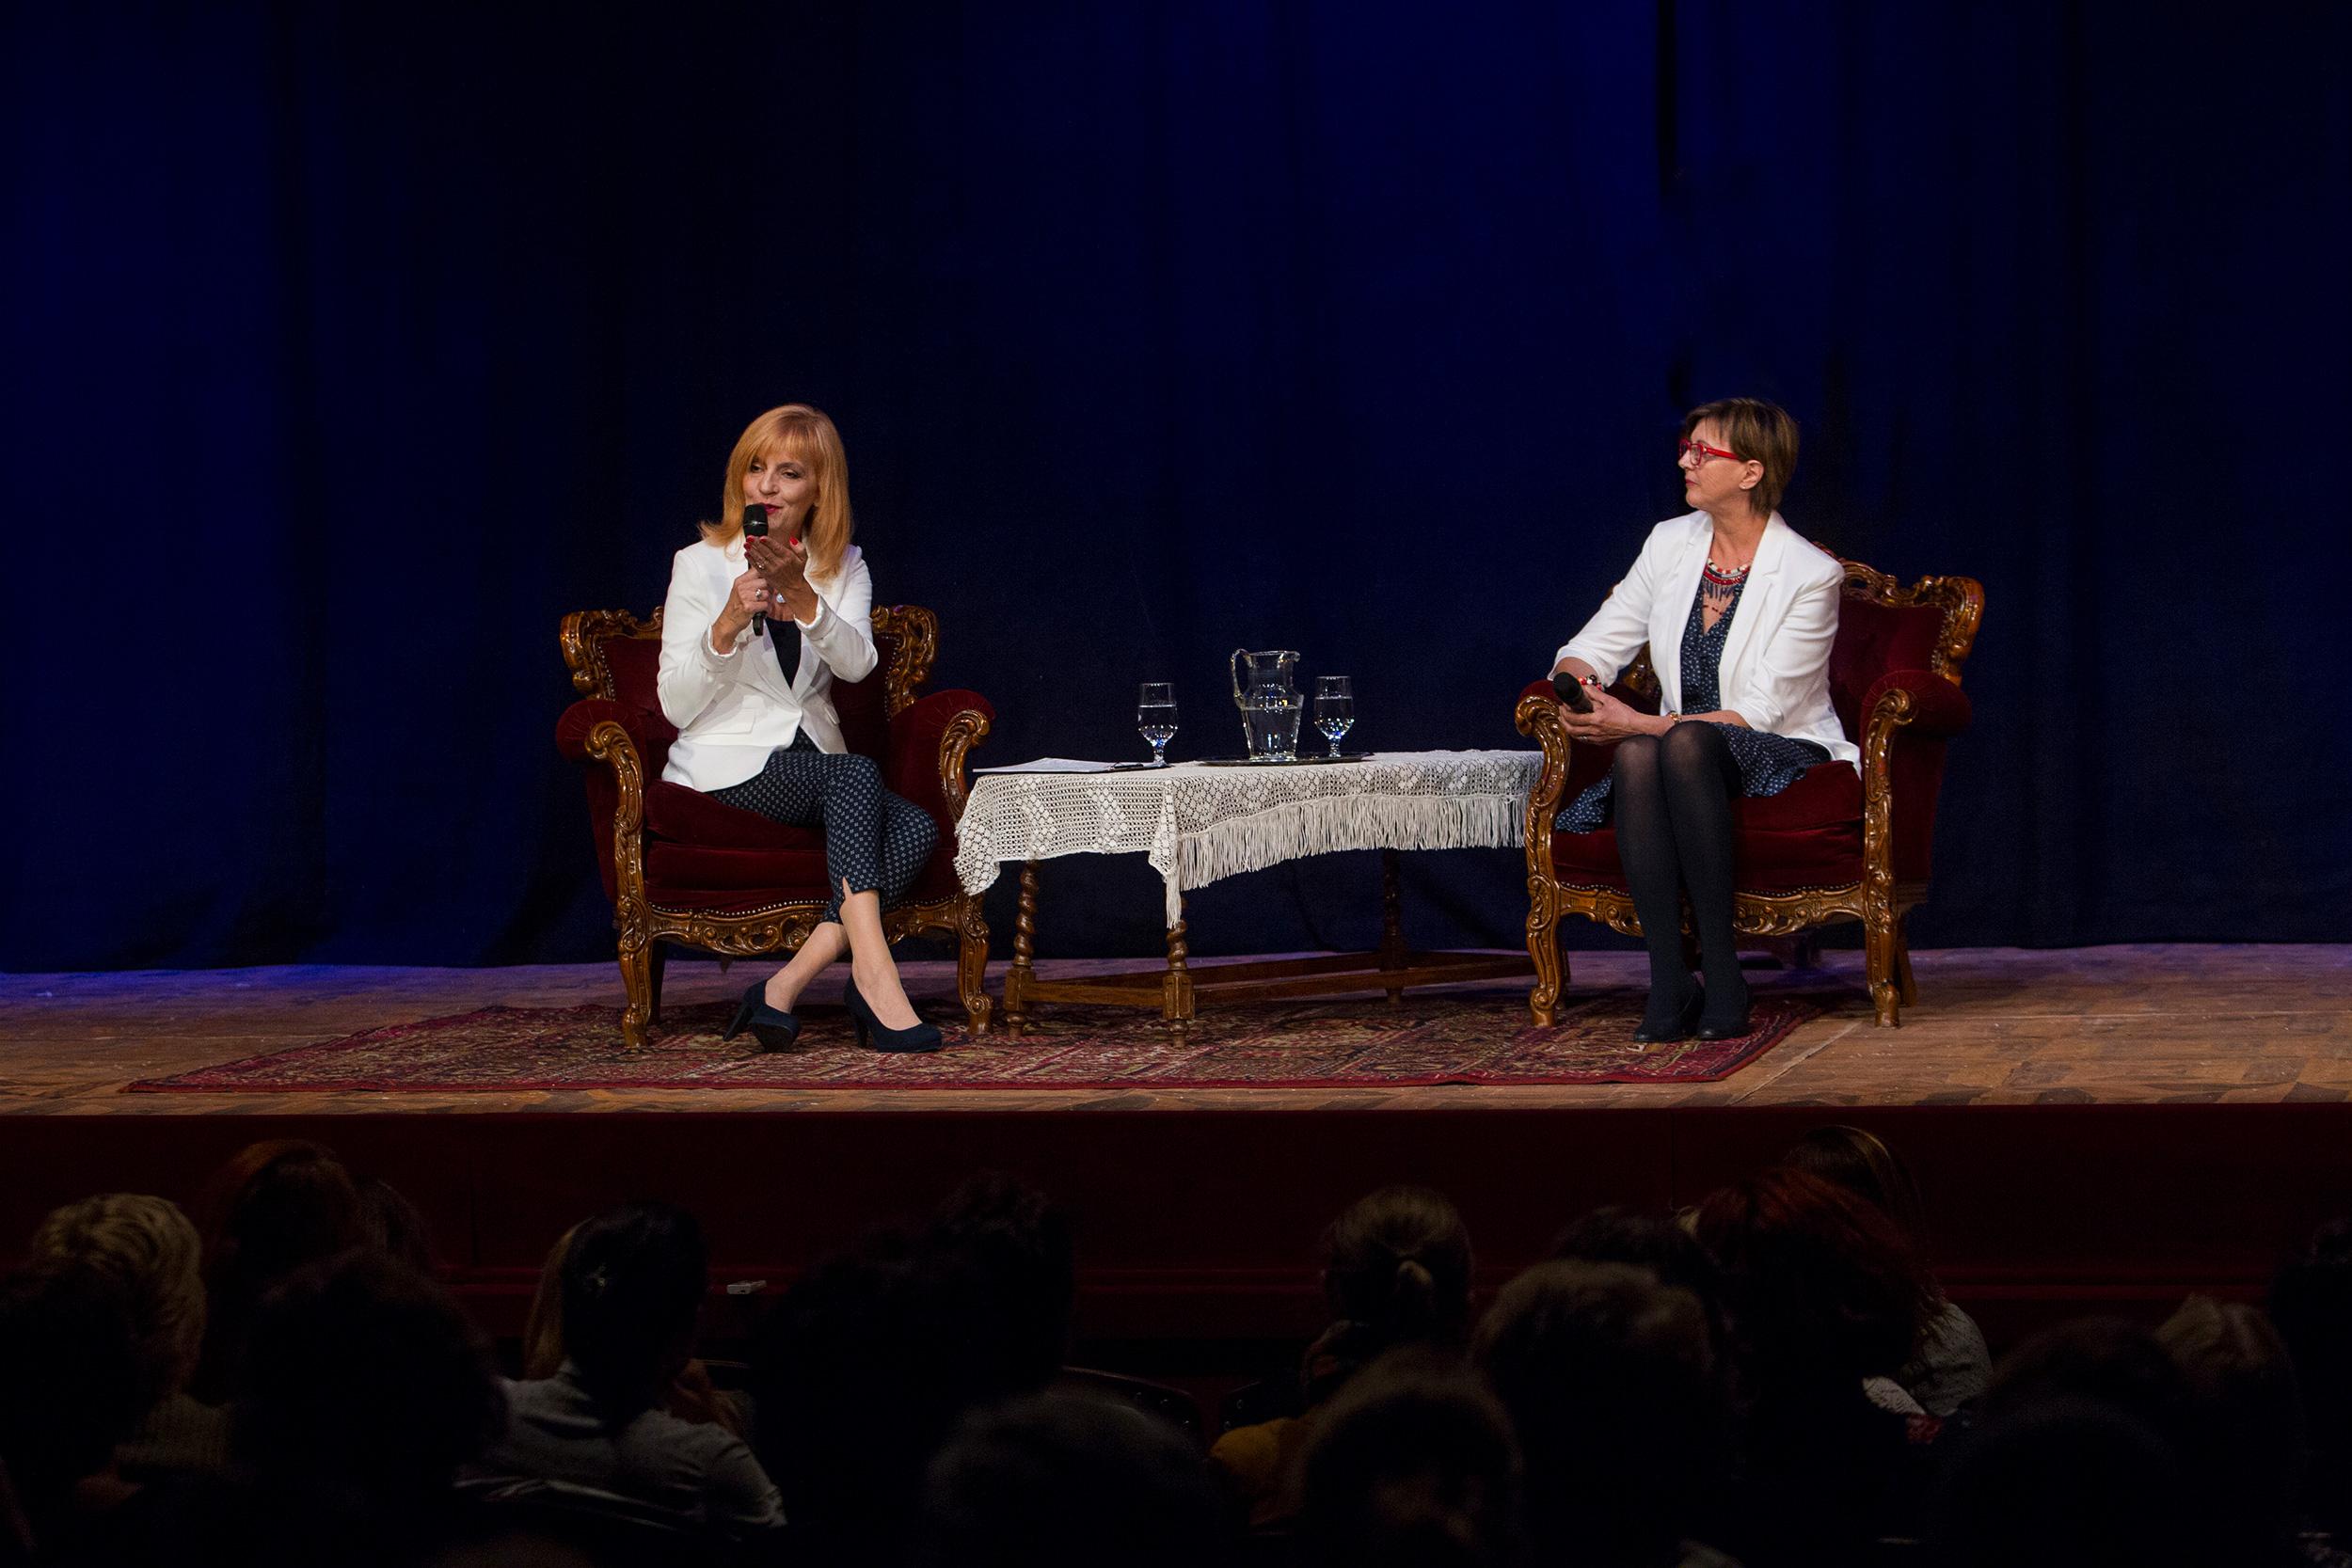 Két Femina Klub előadás között az Aréna Plázában megtalálsz minket